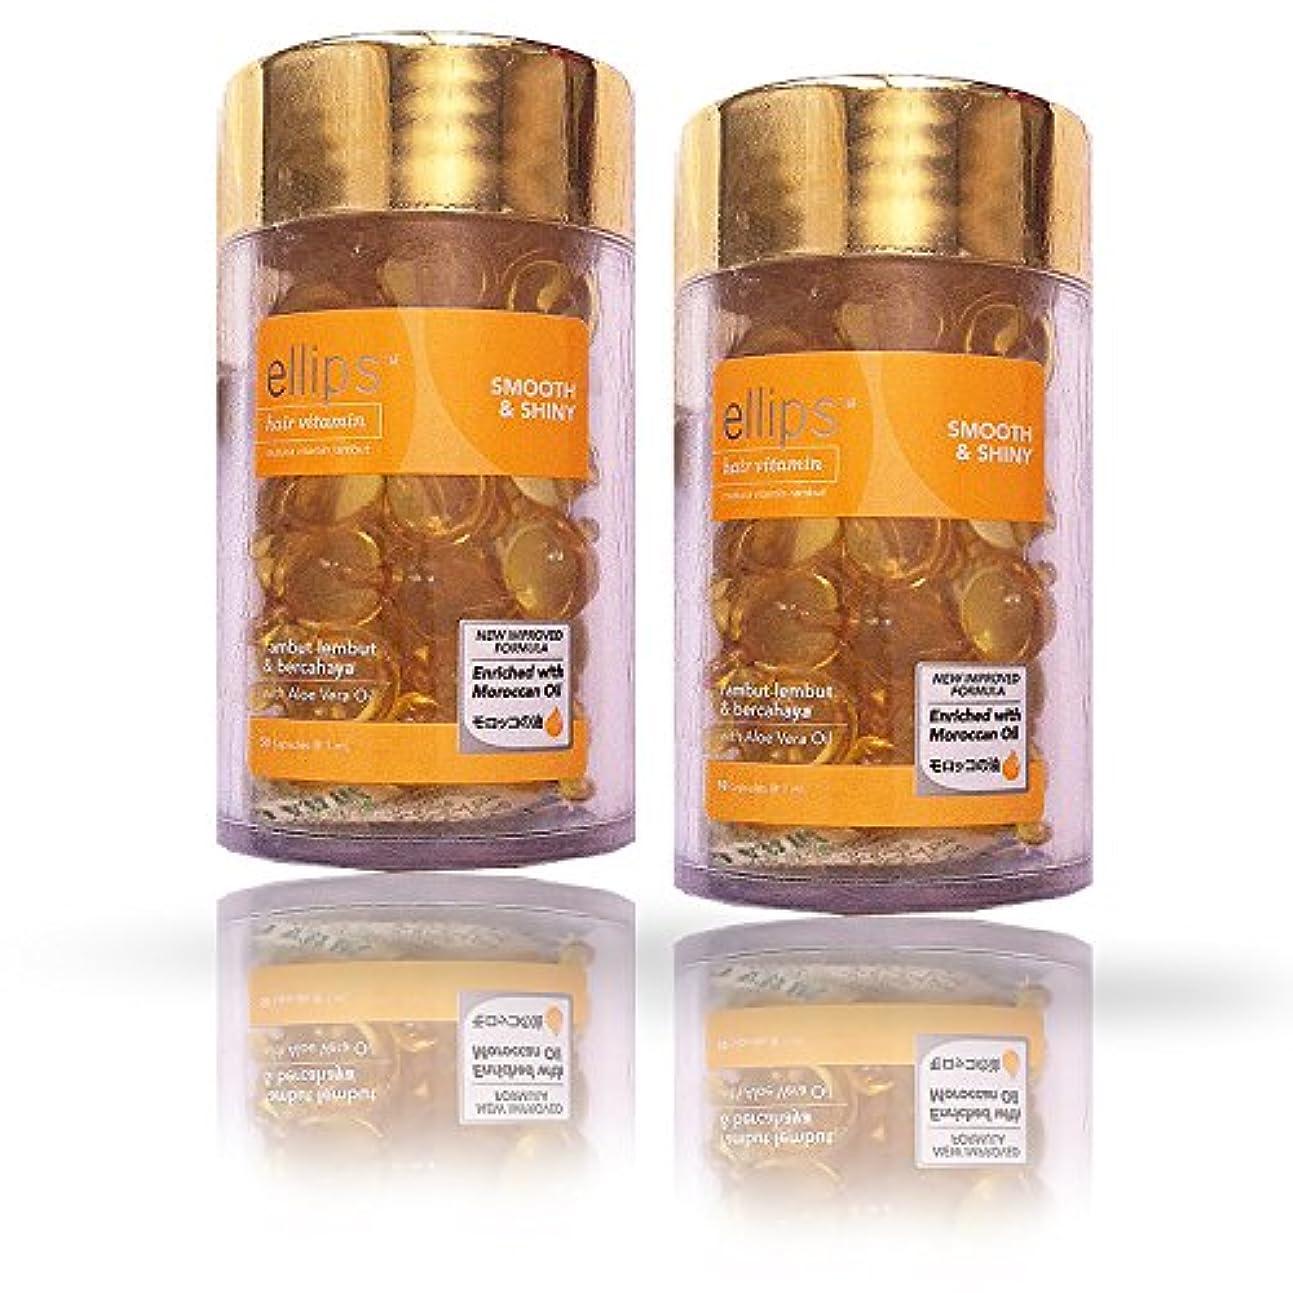 会社ボタンオリエンタルエリップス(ellips)スムース&シャイニー(フレッシュ トロピカル フルーツの香り) ボトル50粒×2個